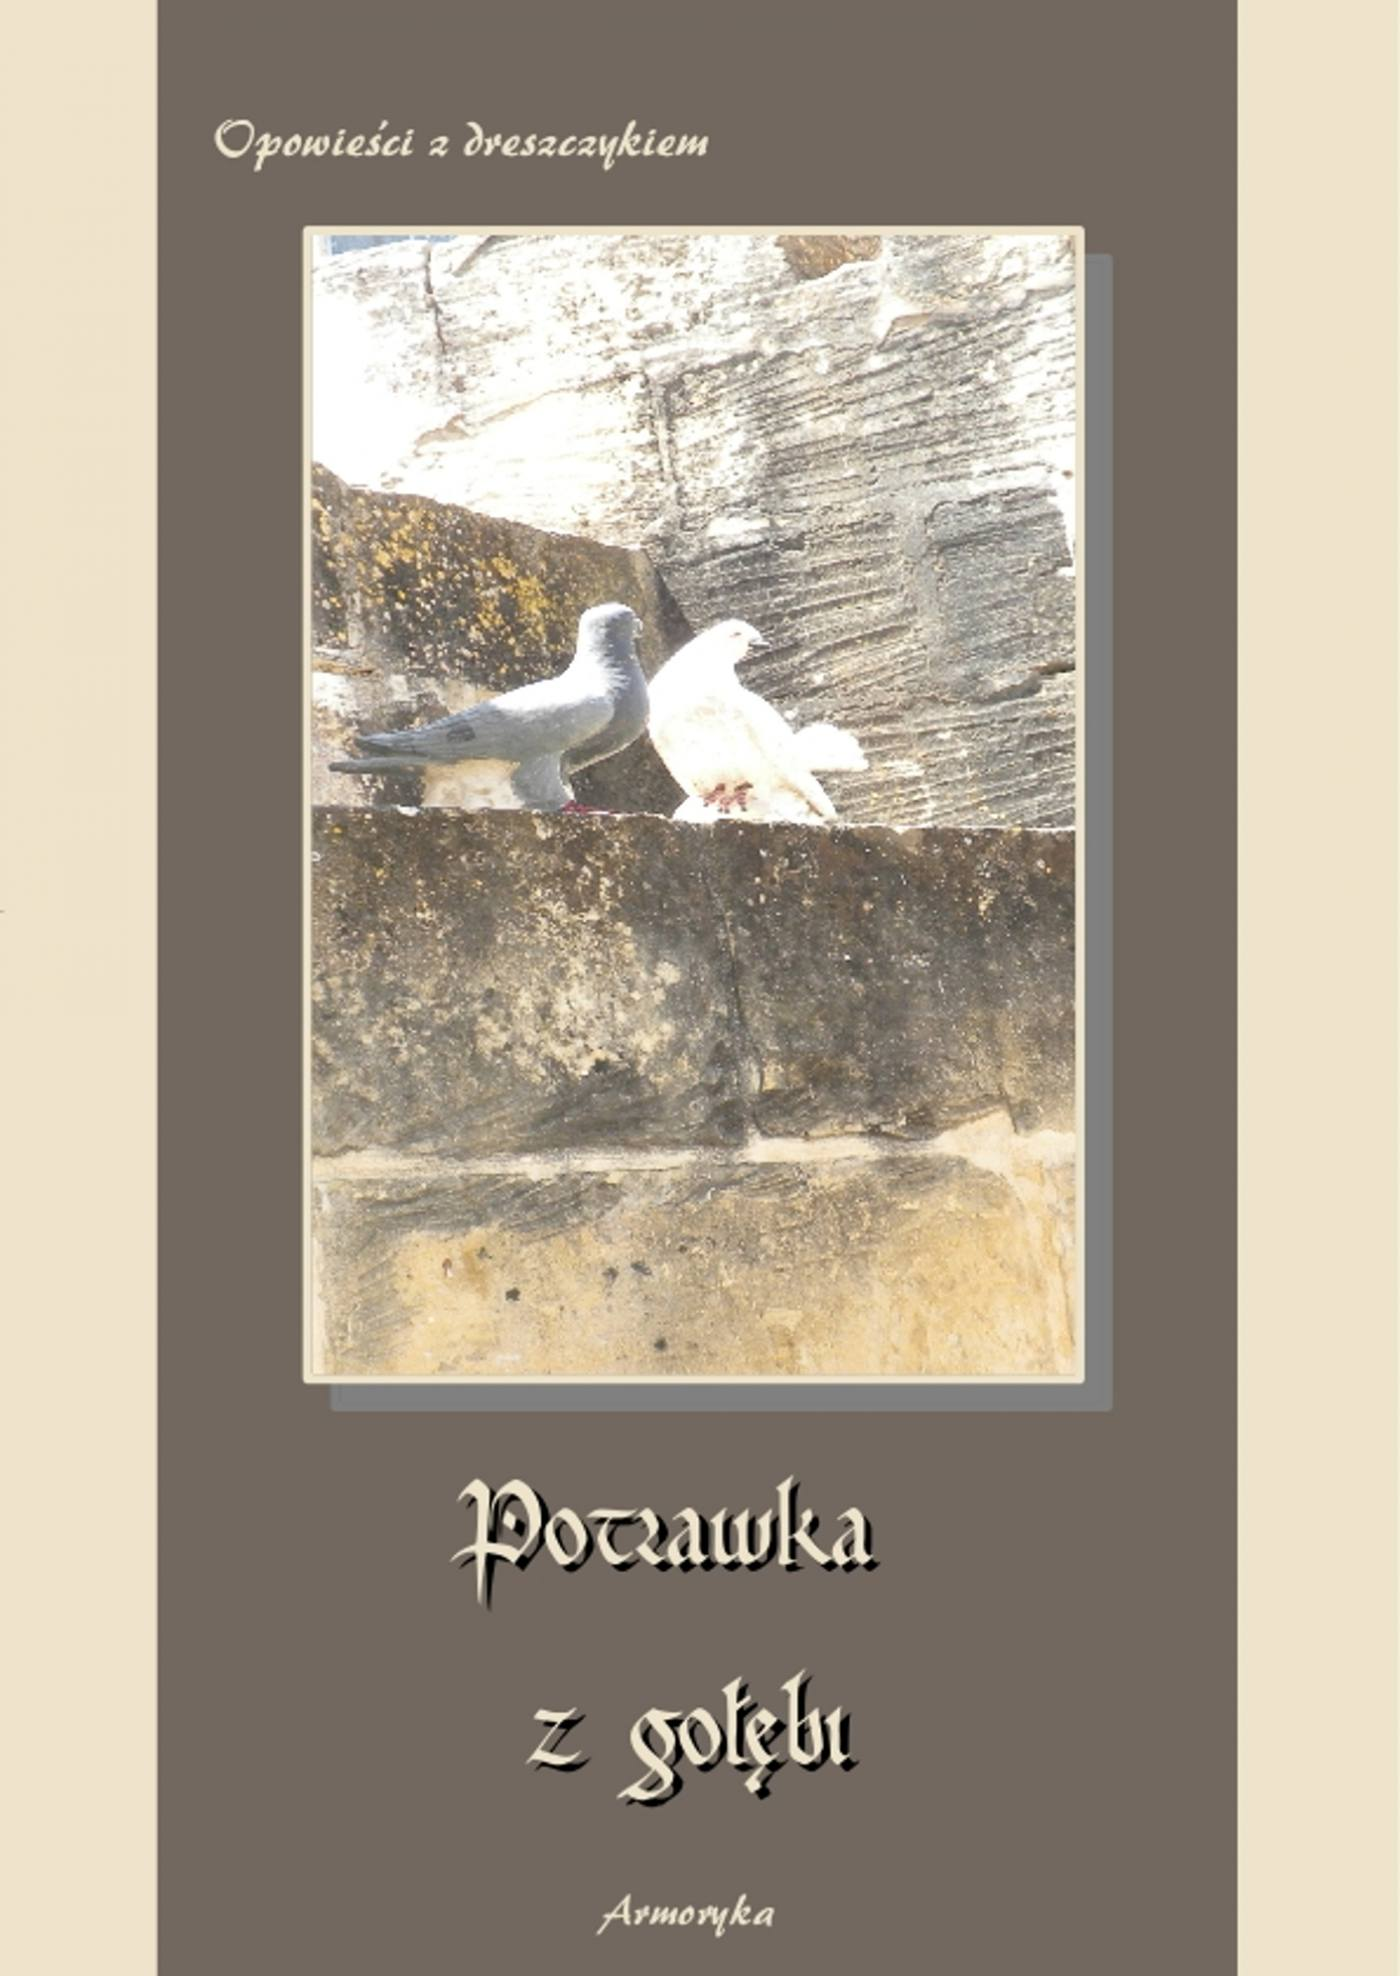 Potrawka z gołębi. Opowieści z dreszczykiem - Ebook (Książka EPUB) do pobrania w formacie EPUB